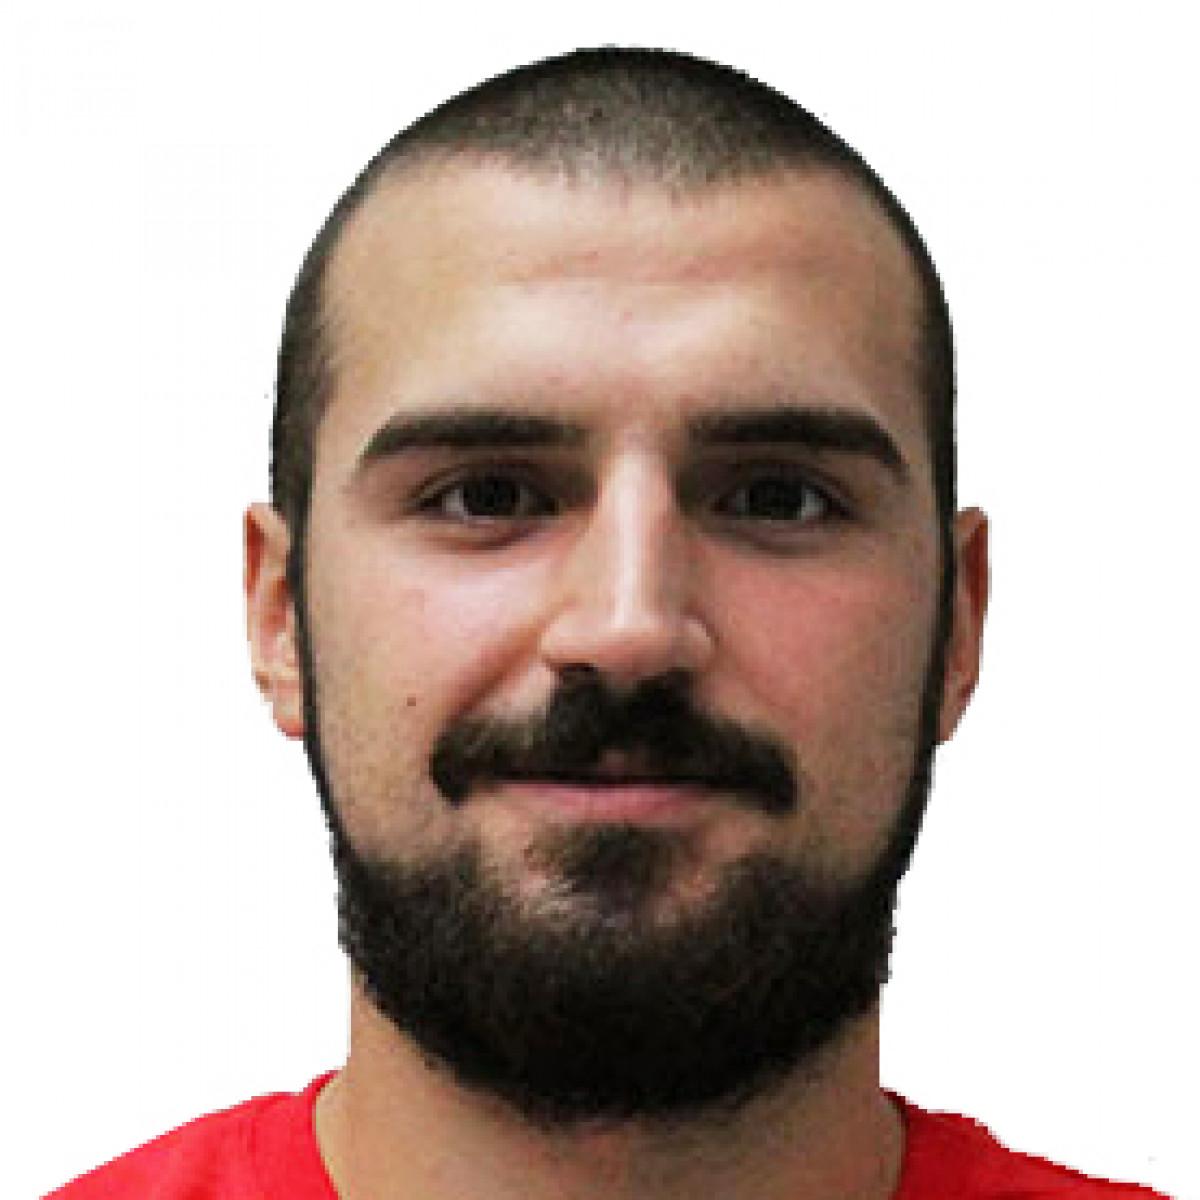 Bratislav Labudovic